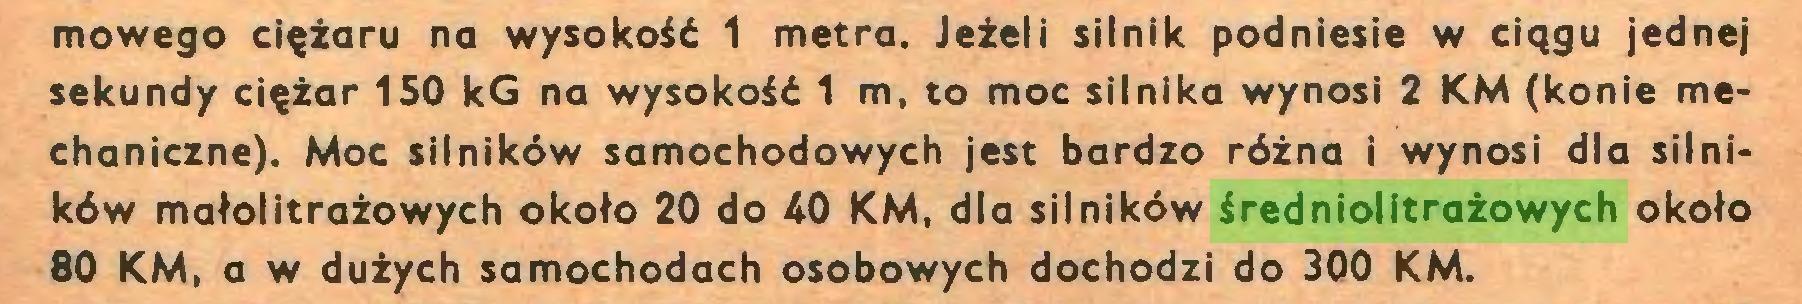 (...) mowego ciężaru na wysokość 1 metra. Jeżeli silnik podniesie w ciągu jednej sekundy ciężar 150 kG na wysokość 1 m, to moc silnika wynosi 2 KM (konie mechaniczne). Moc silników samochodowych jest bardzo różna i wynosi dla silników małolitrażowych około 20 do 40 KM, dla silników średniolitrażowych około 80 KM, a w dużych samochodach osobowych dochodzi do 300 KM...